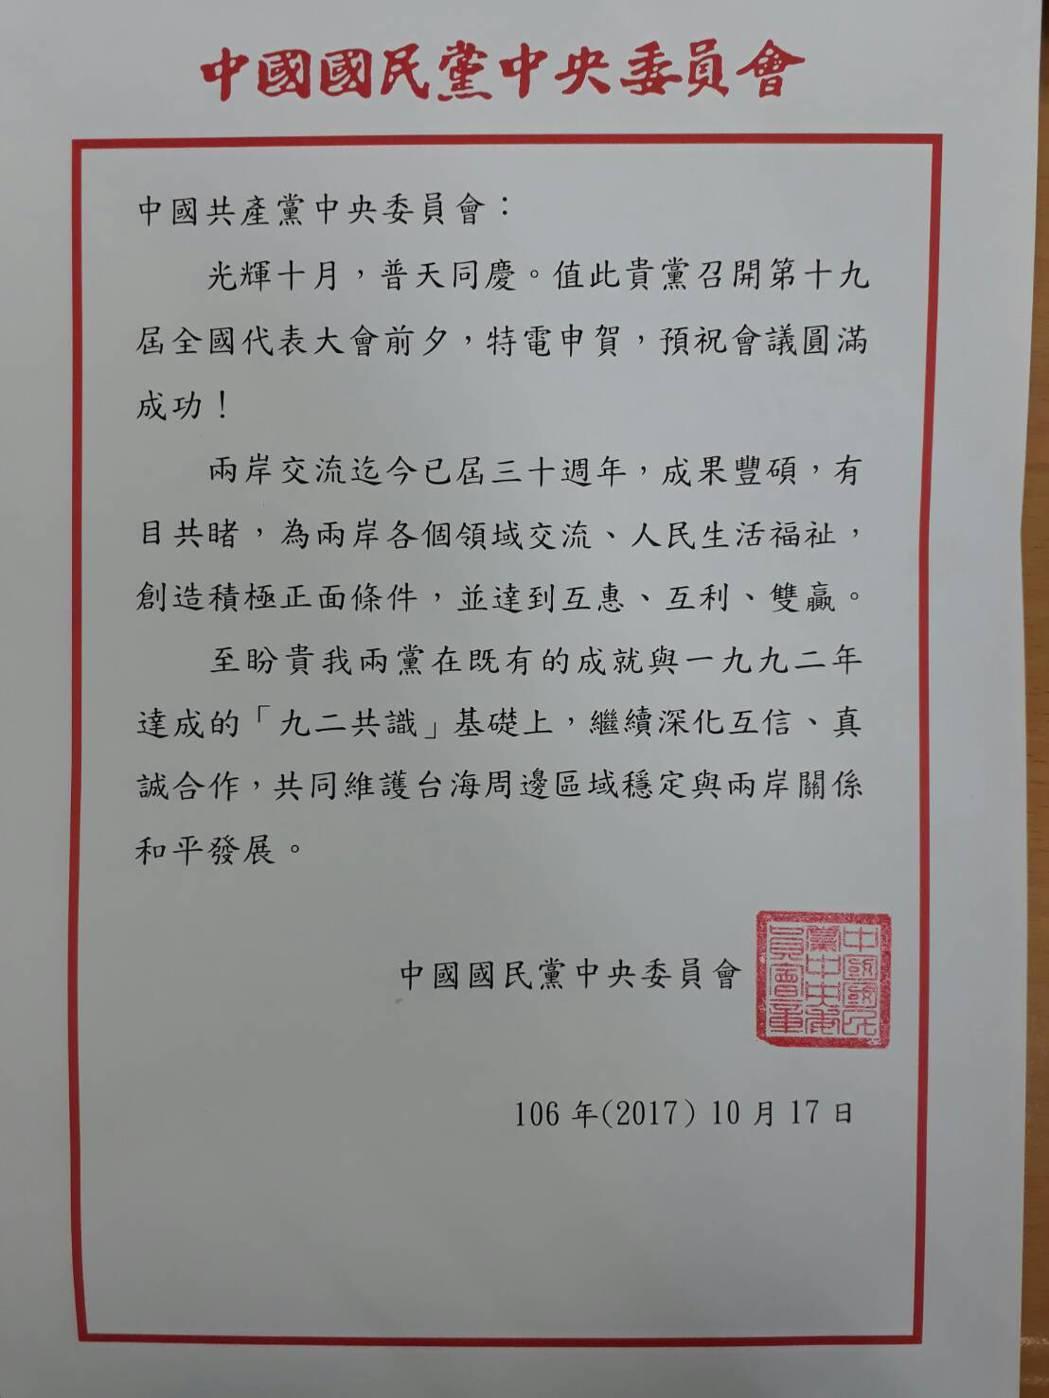 國民黨致中共19大賀電。圖/國民黨提供